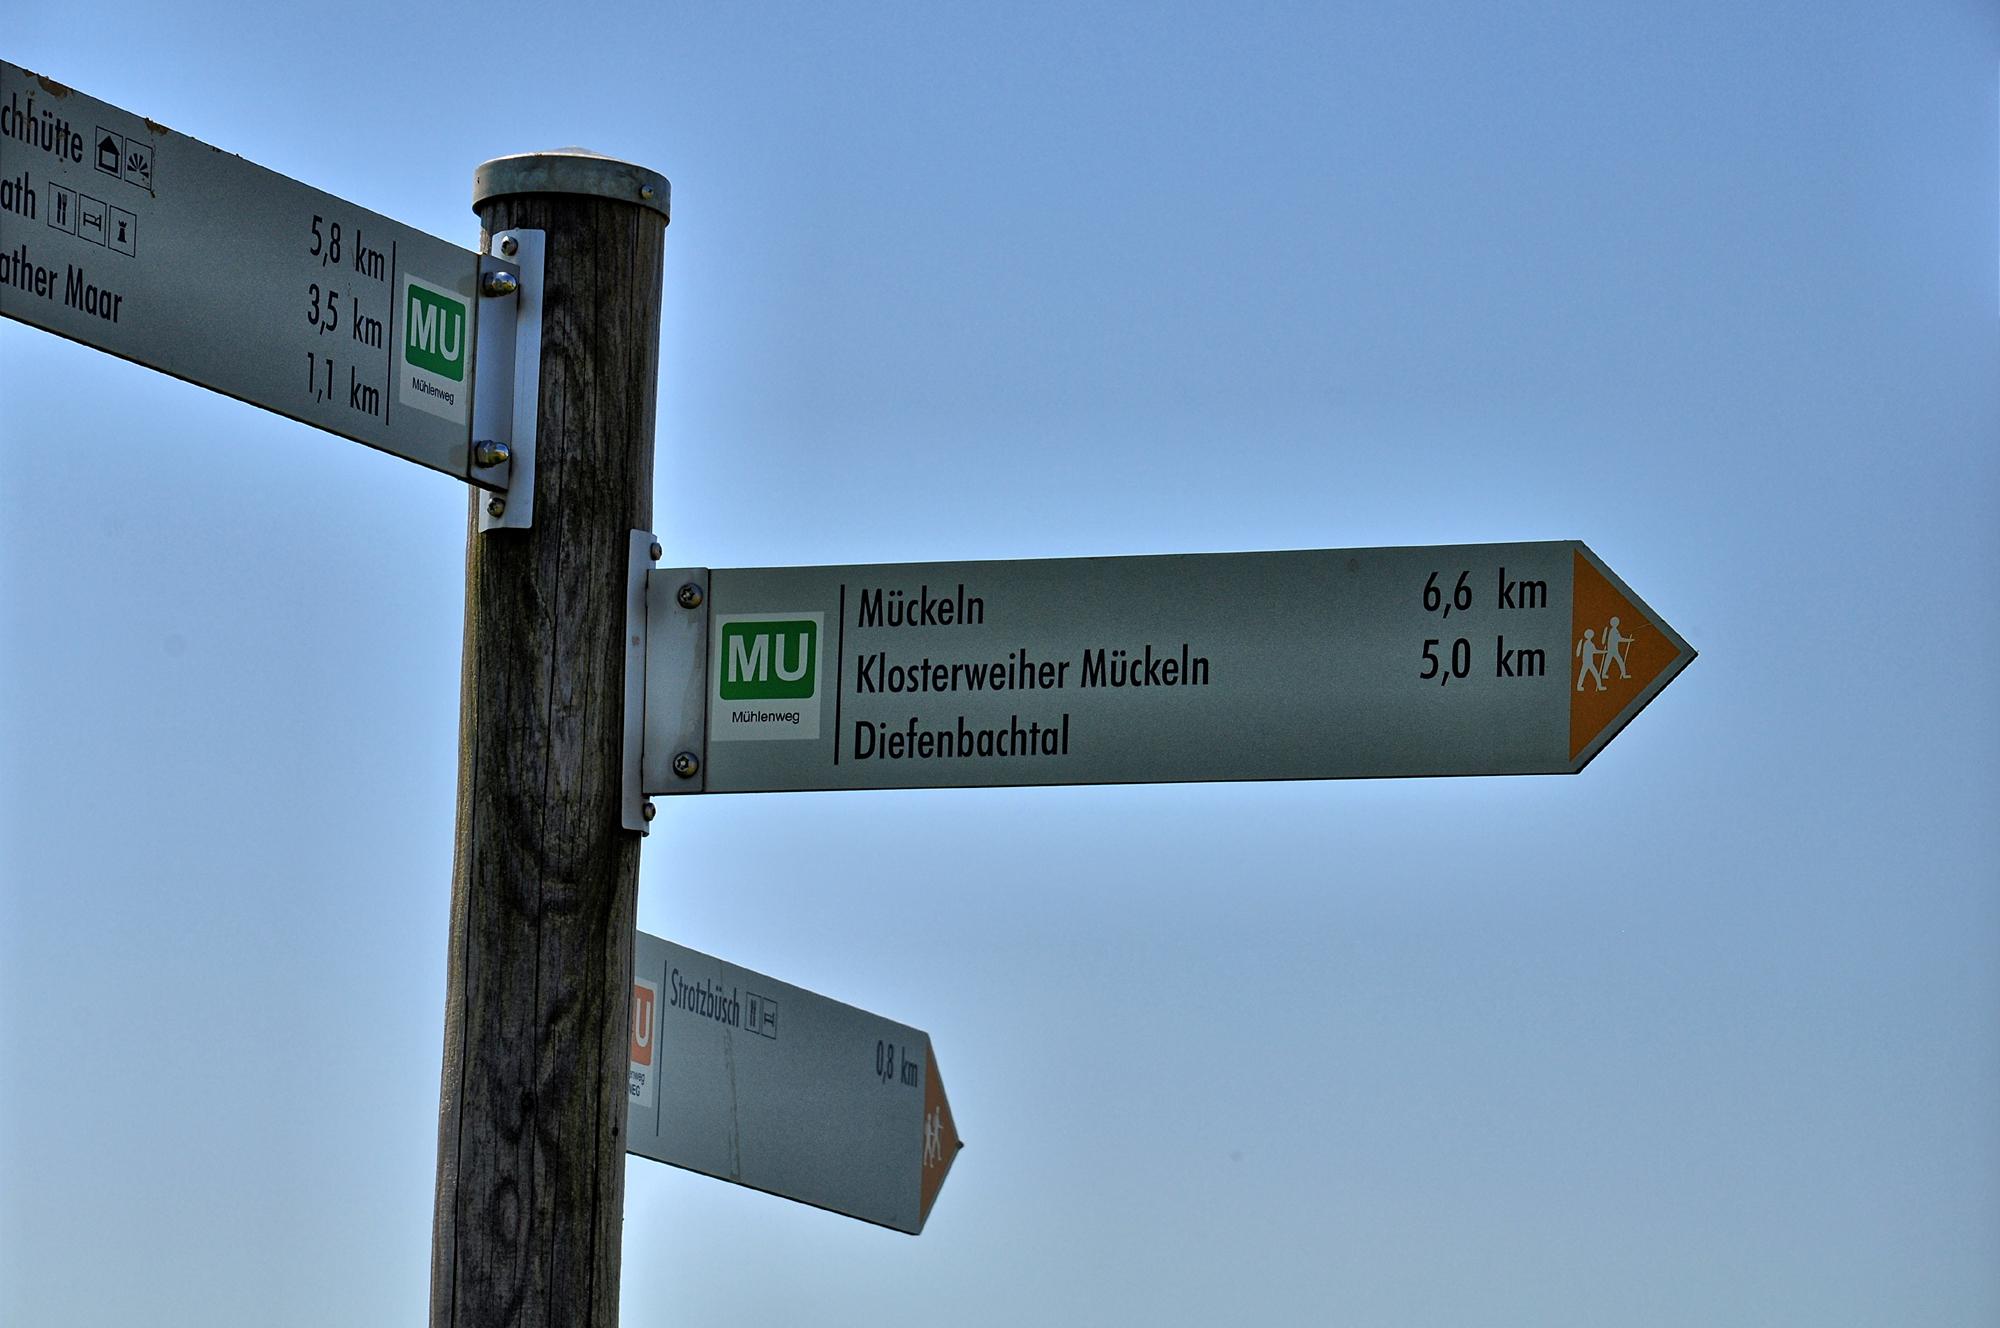 Mühlenweg ins Diefenbachtal